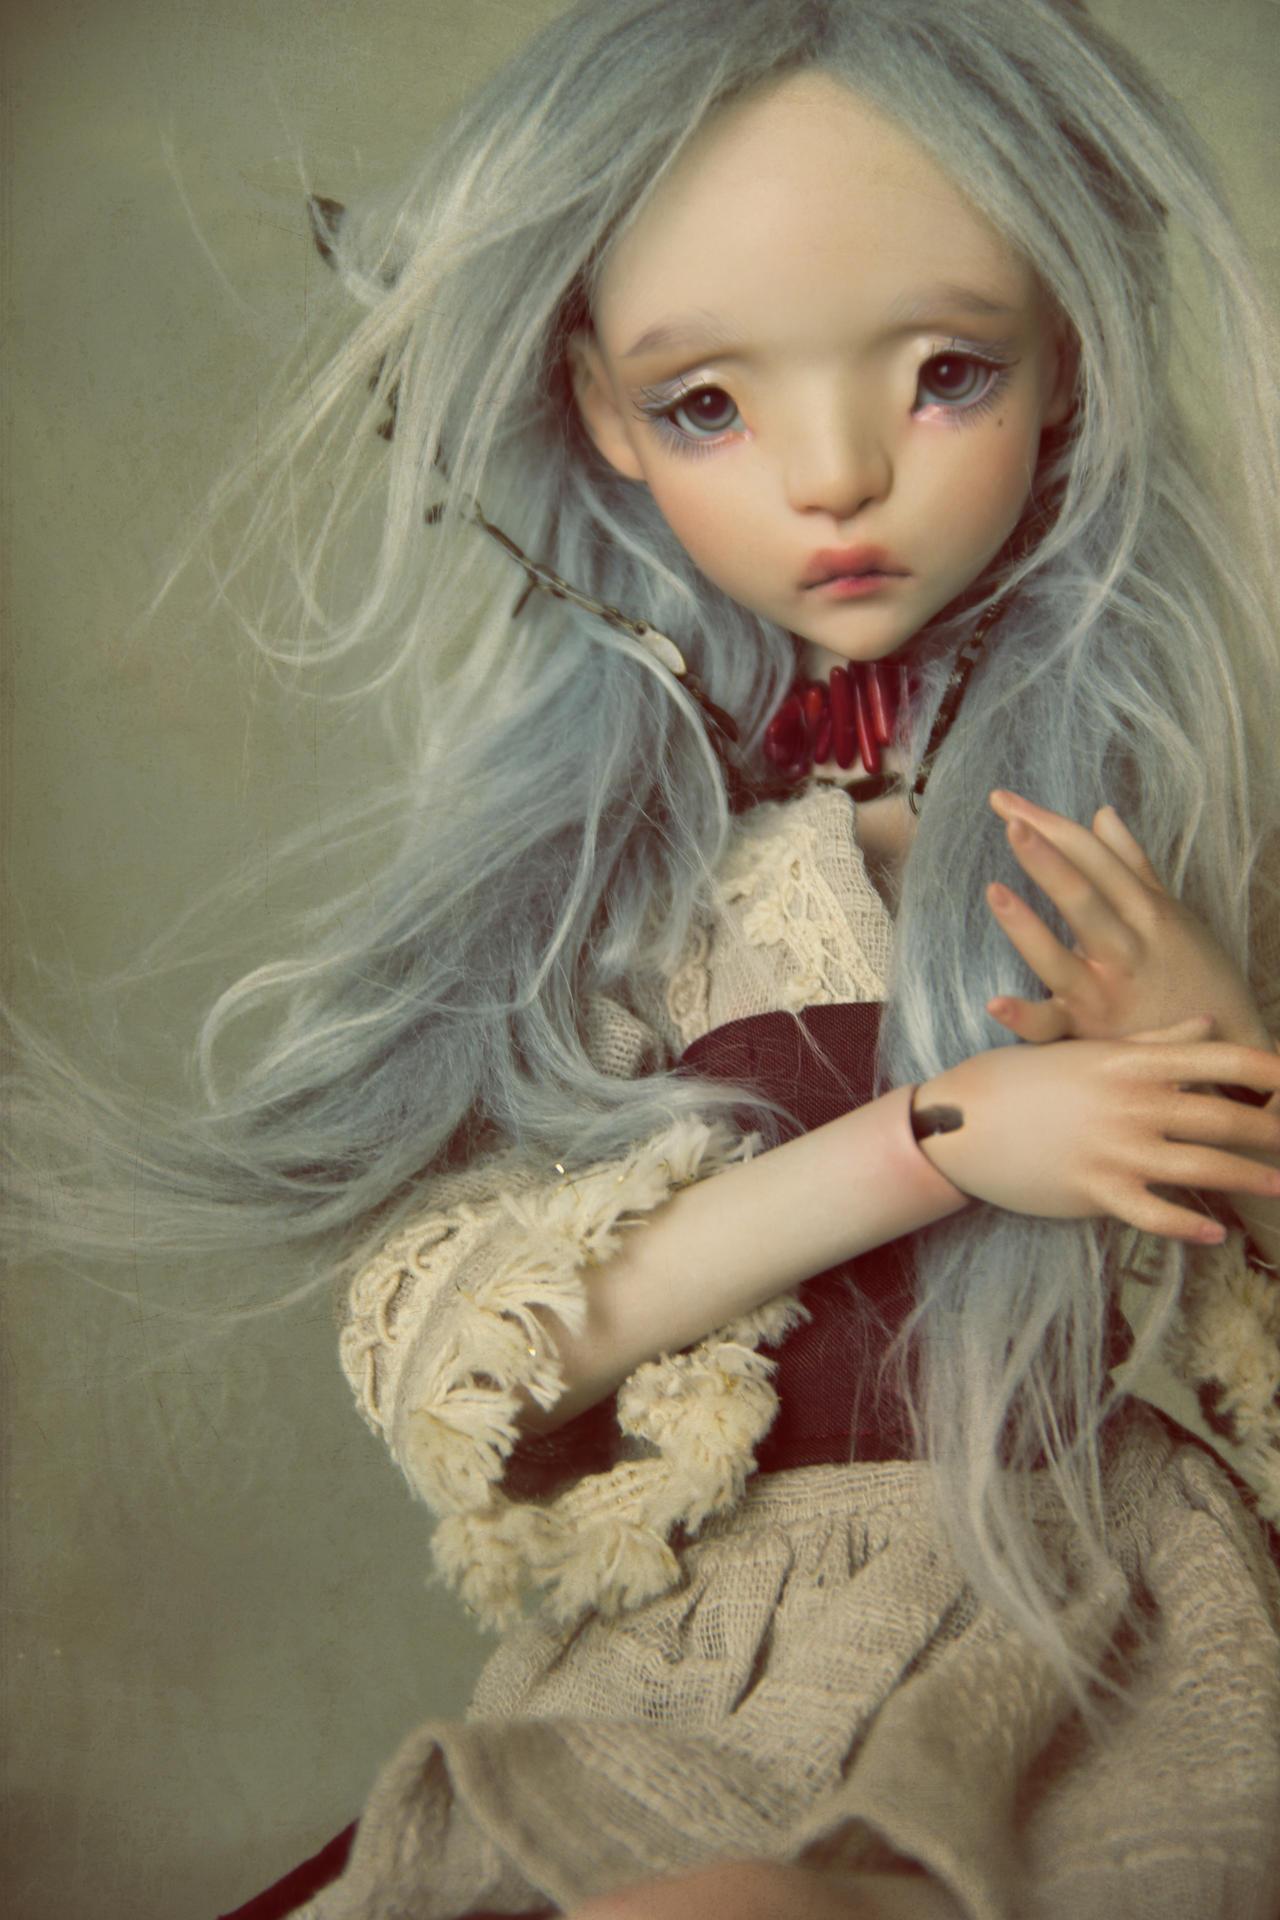 LiTTleLioN 02 by ladyarnwyn